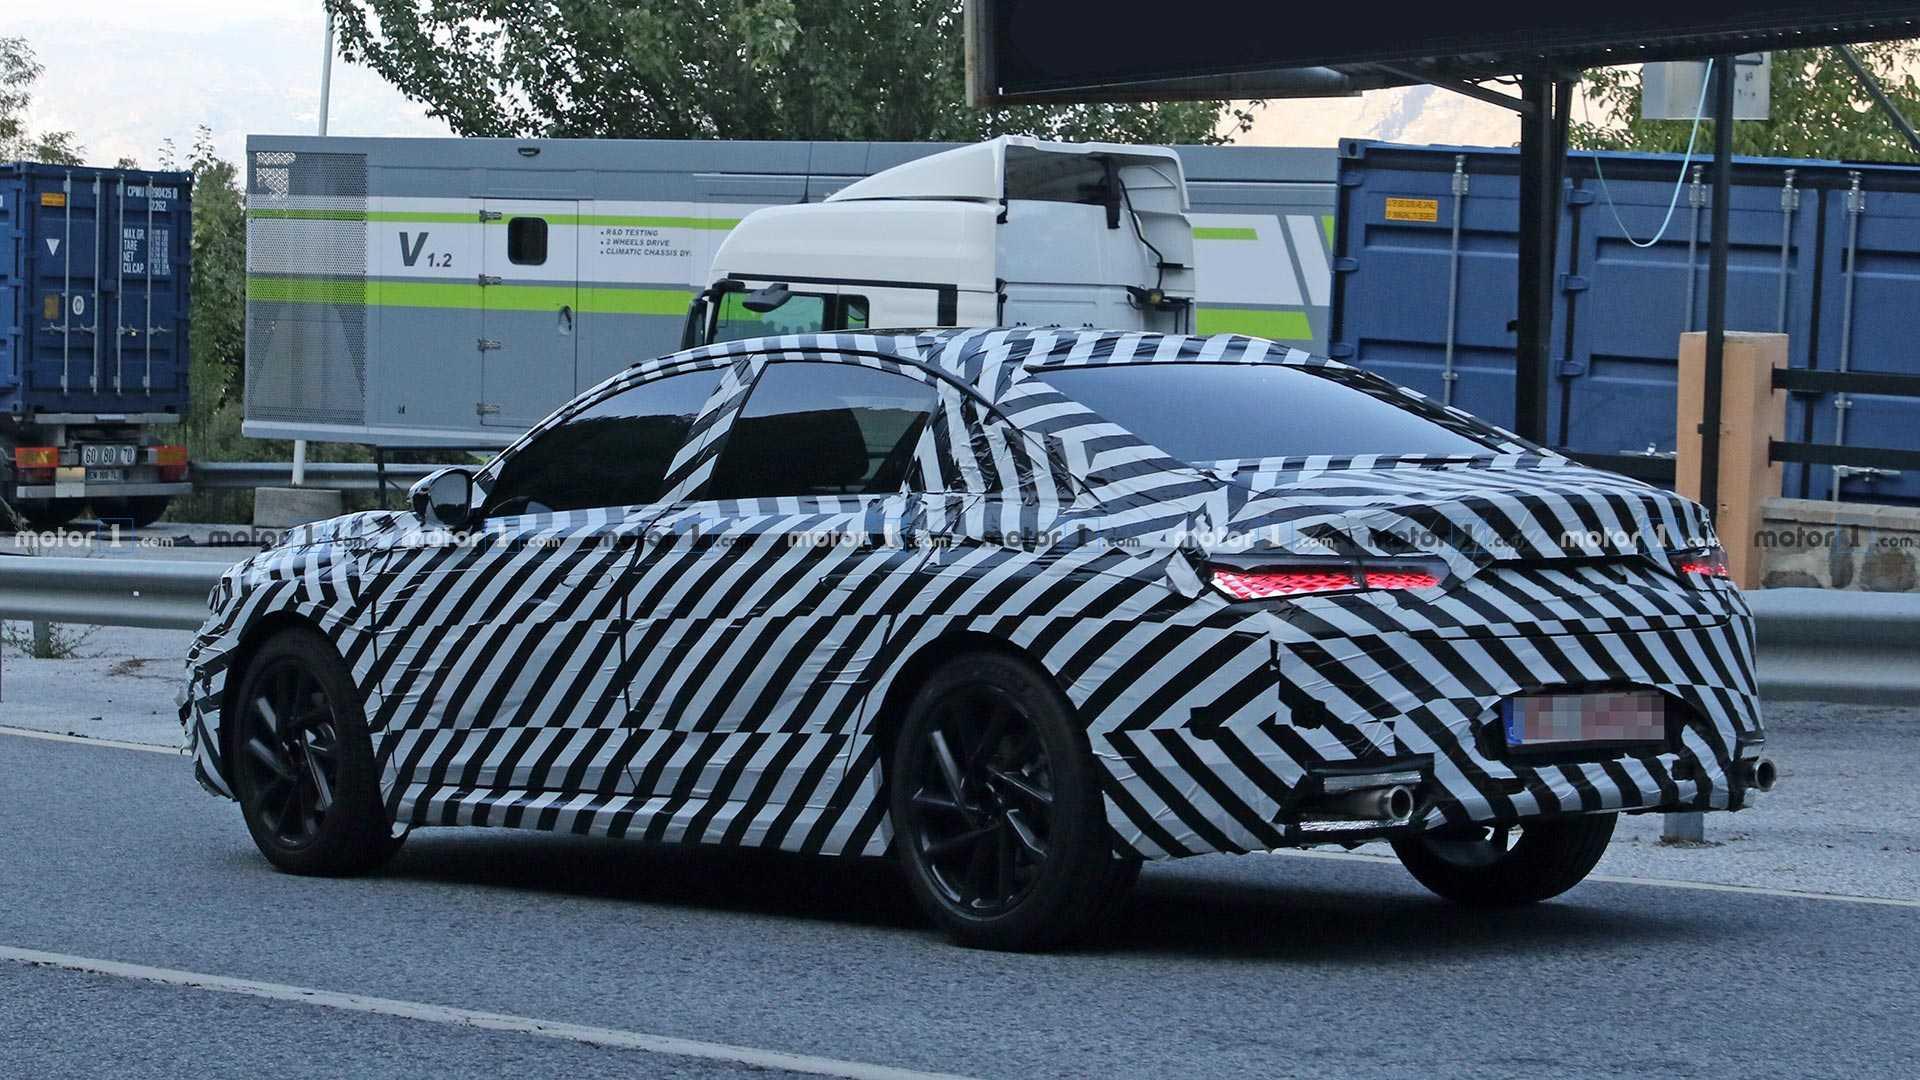 Премиальная французская марка DS представит новый среднеразмерный седан